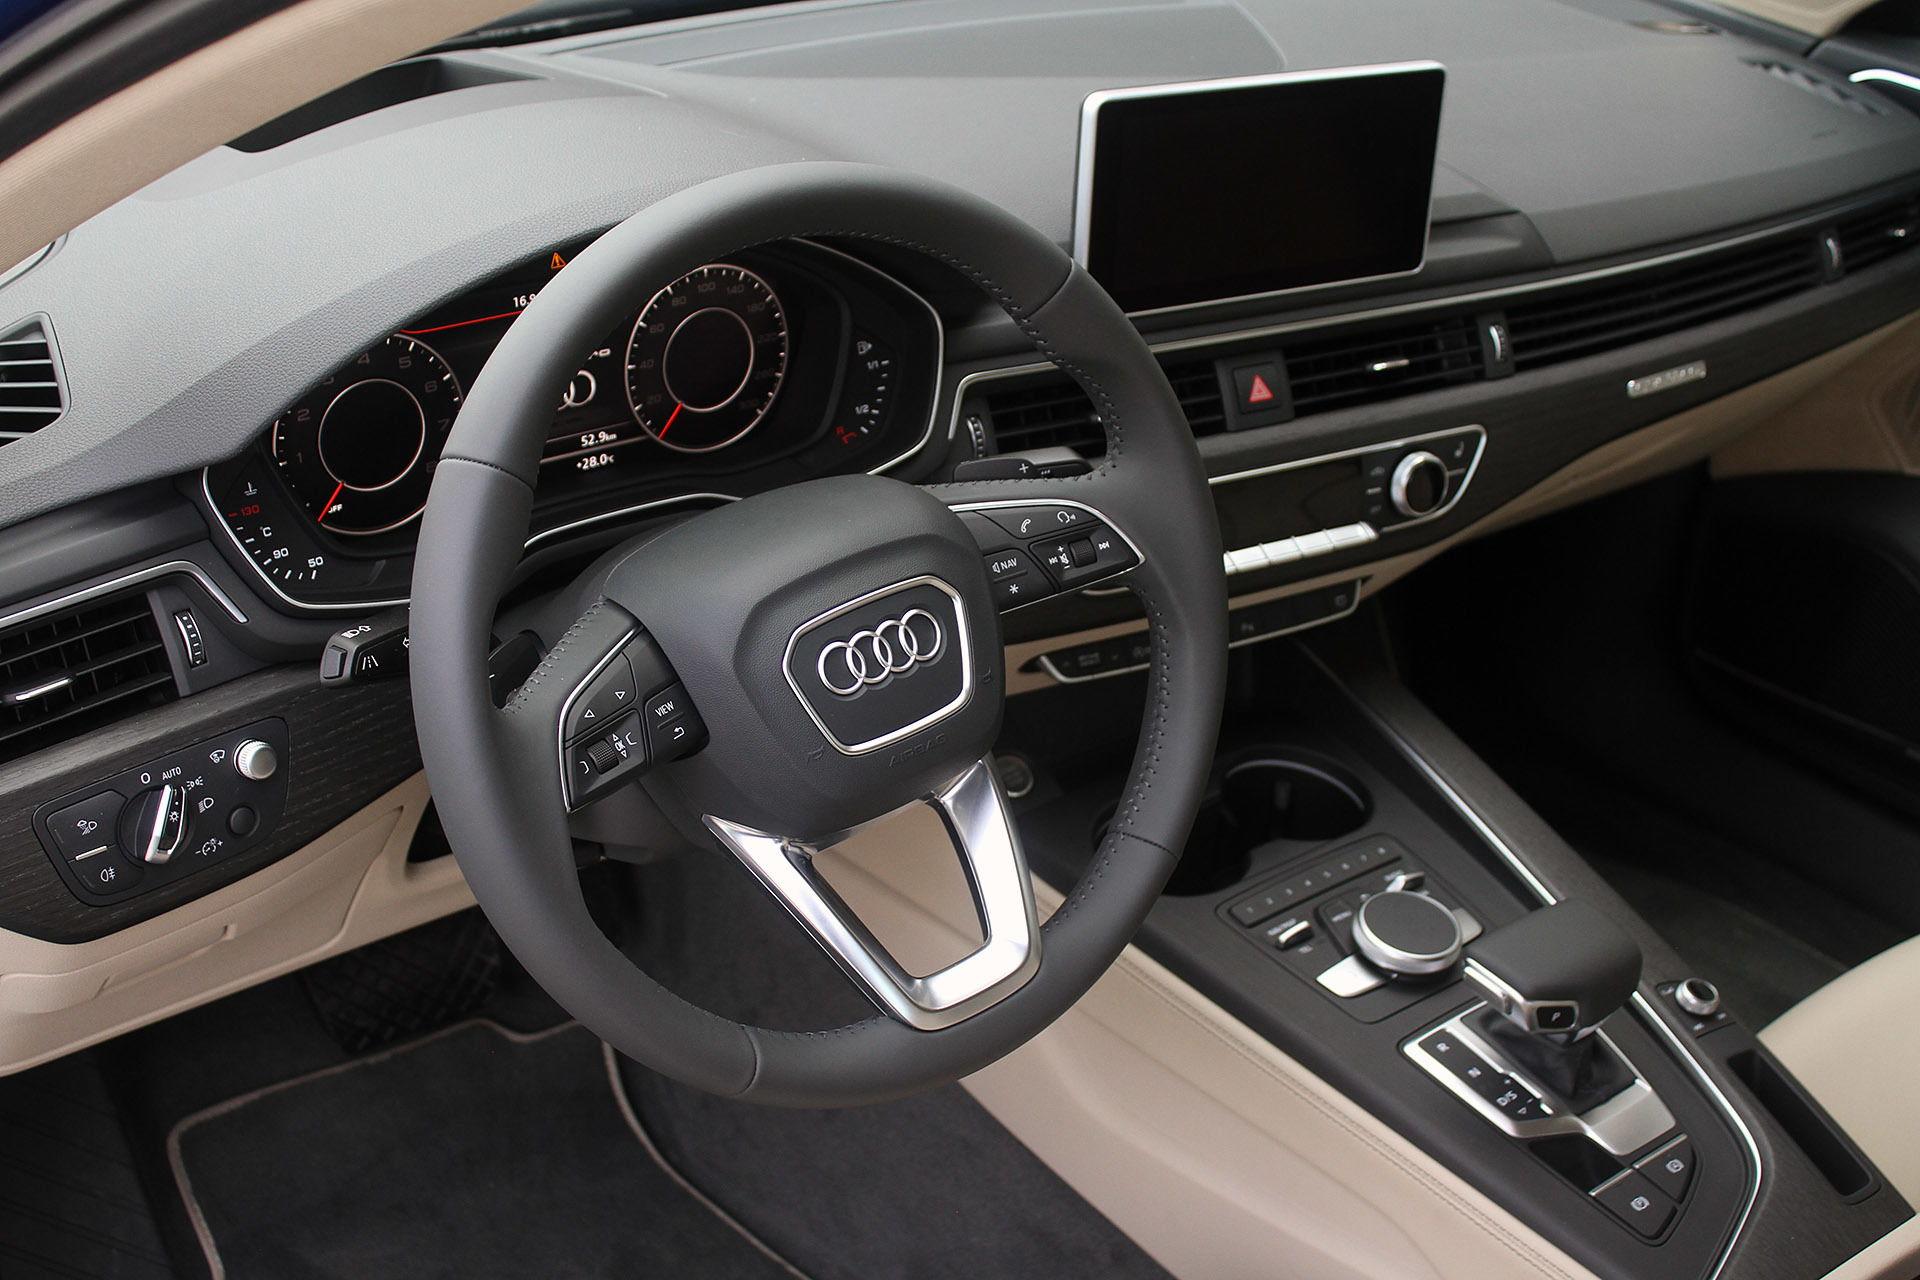 Audi r8 2010 price in india 8